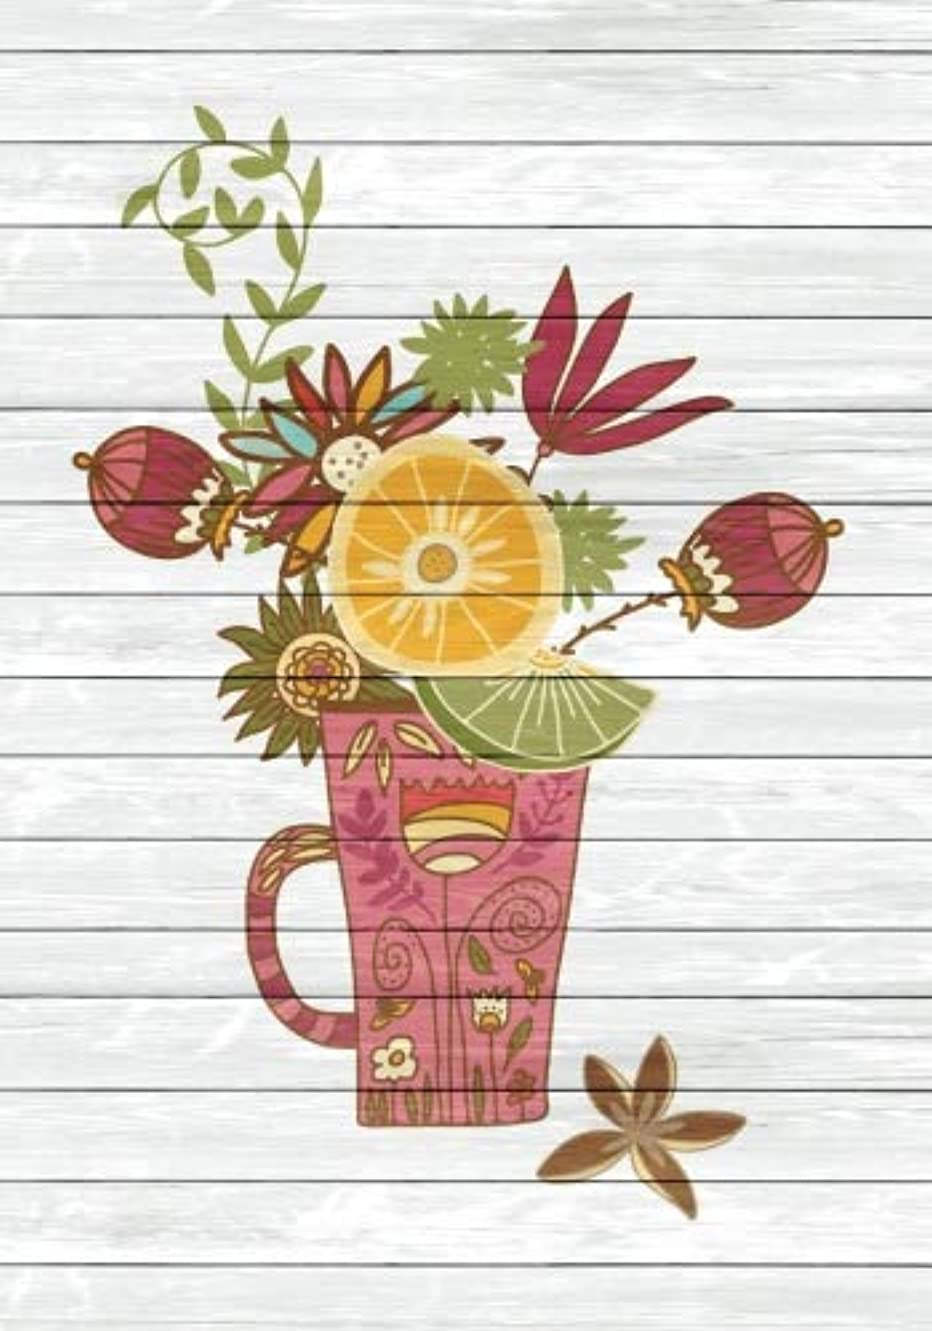 ストレスファンタジー大統領Tea Time Creative Journal 4: (7 x 10 Dot Grid) Blank Journal Notebook Organizer Planner Sketchbook Gratitude Diary Tea Cup Lover Flowers Spices Strainer Fruit Whimsical